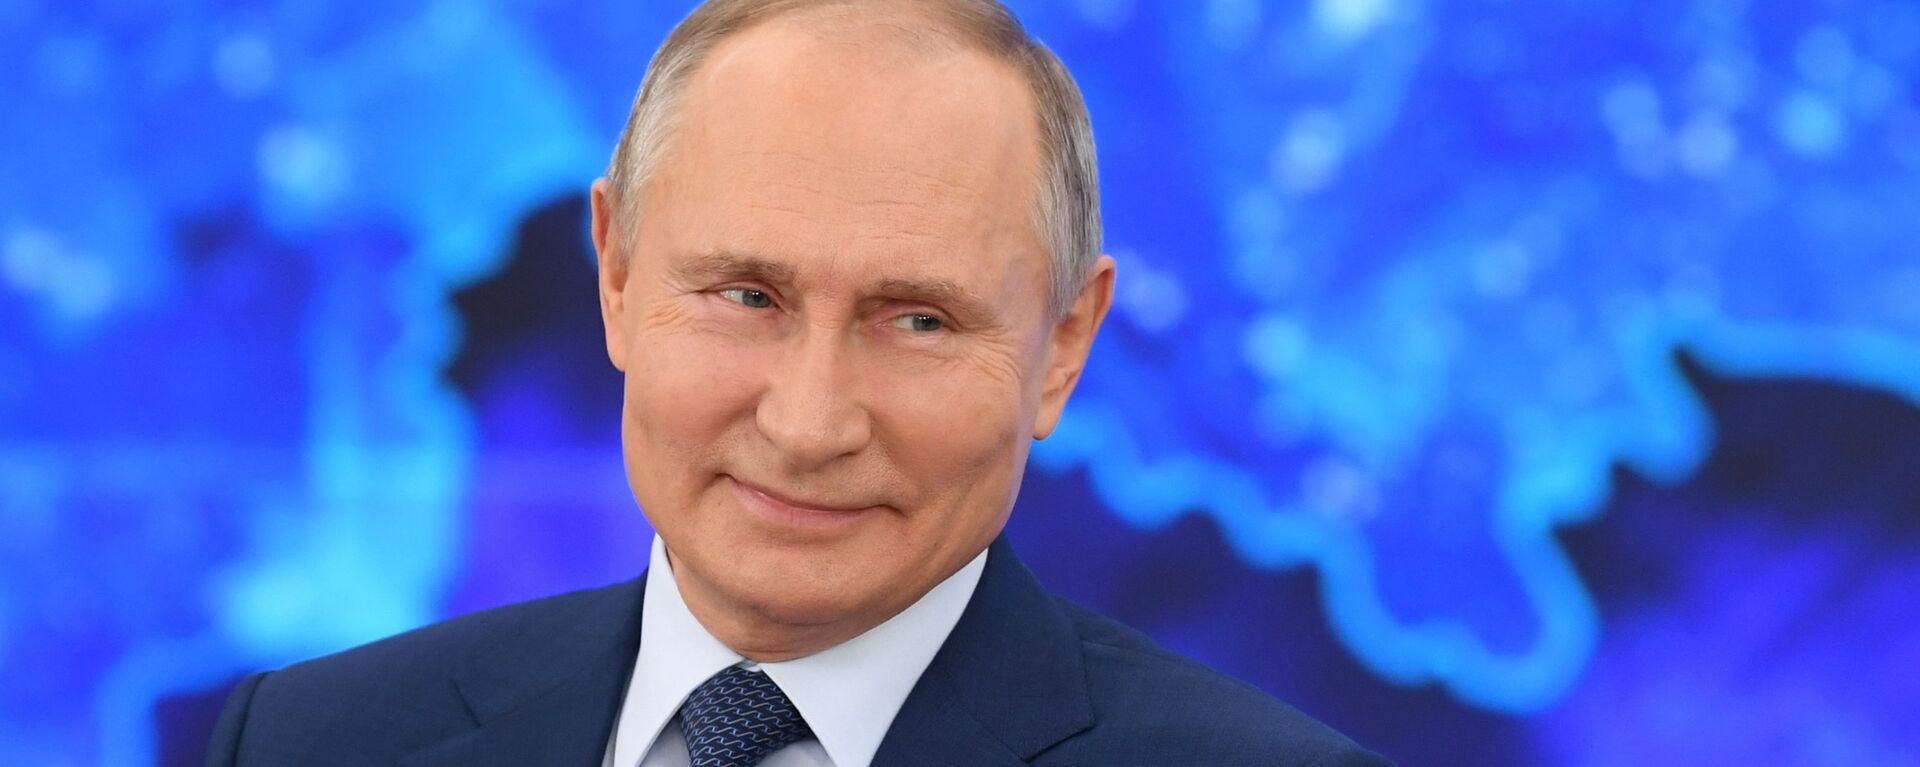 La Conferenza stampa di fine anno di Vladimir Putin 2020 - Sputnik Italia, 1920, 22.02.2021